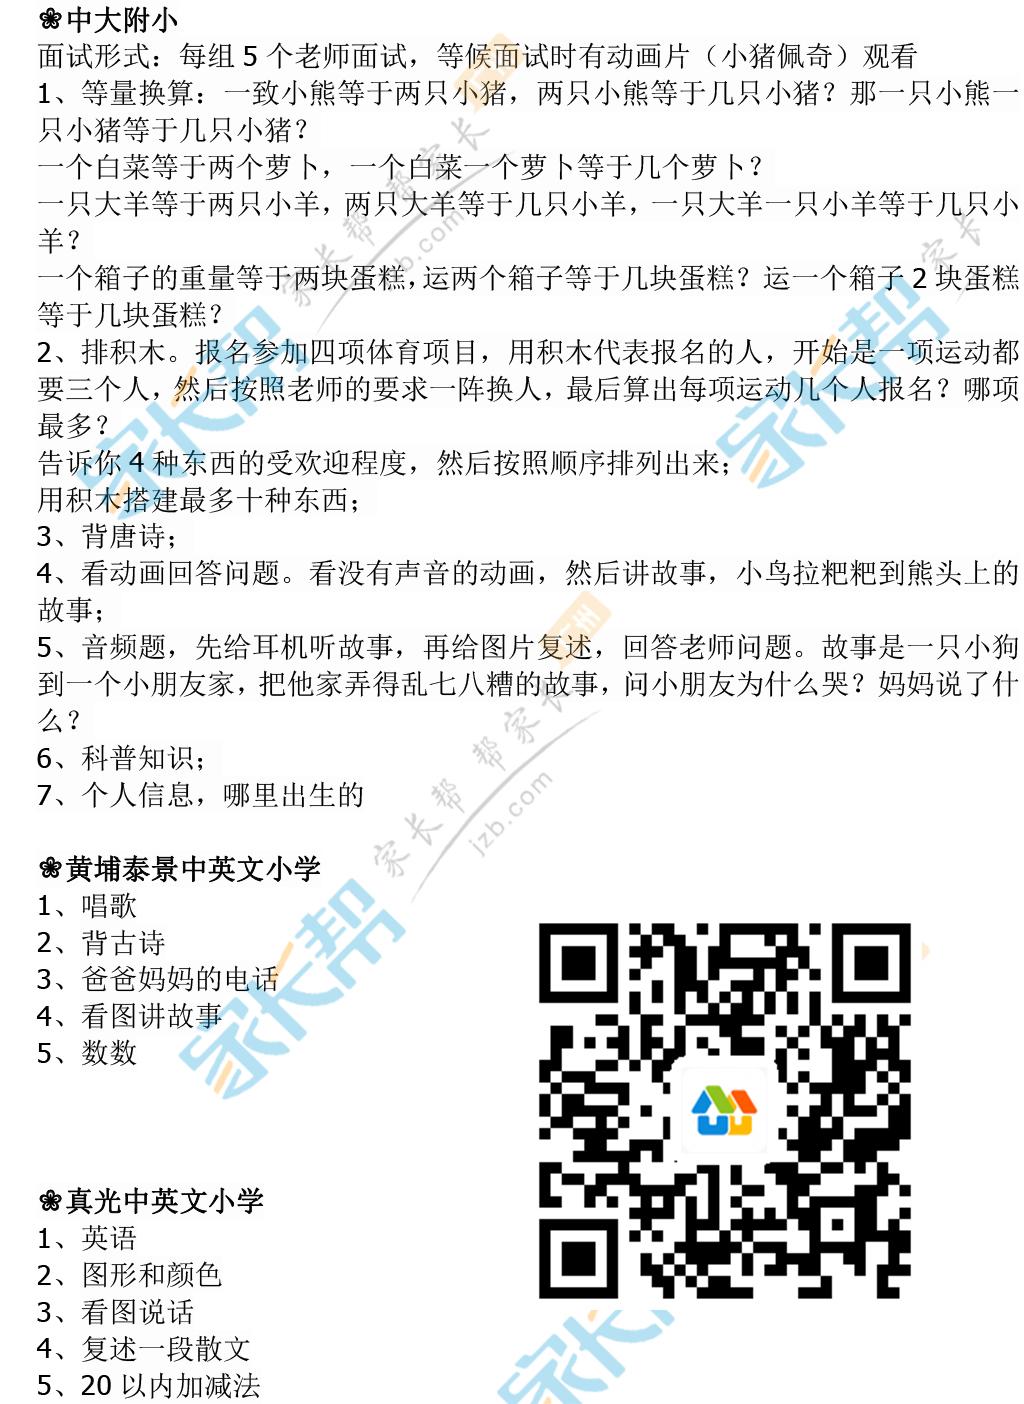 2017民办小学面试题目-211.jpg